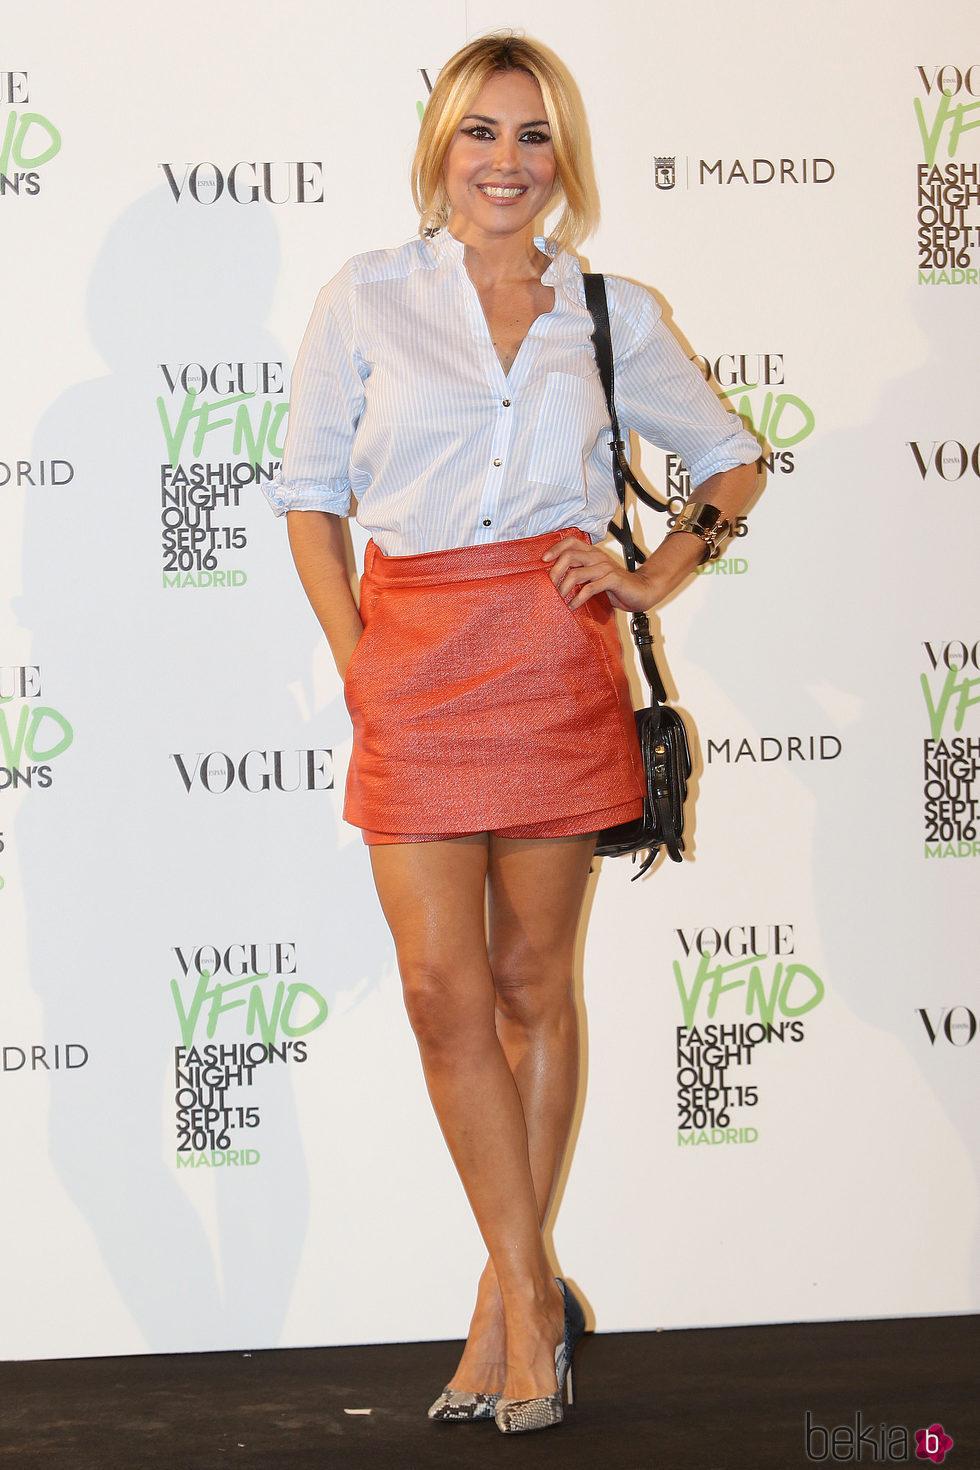 Berta Collado en el photocall de Vogue's Fashion Night Out 2016